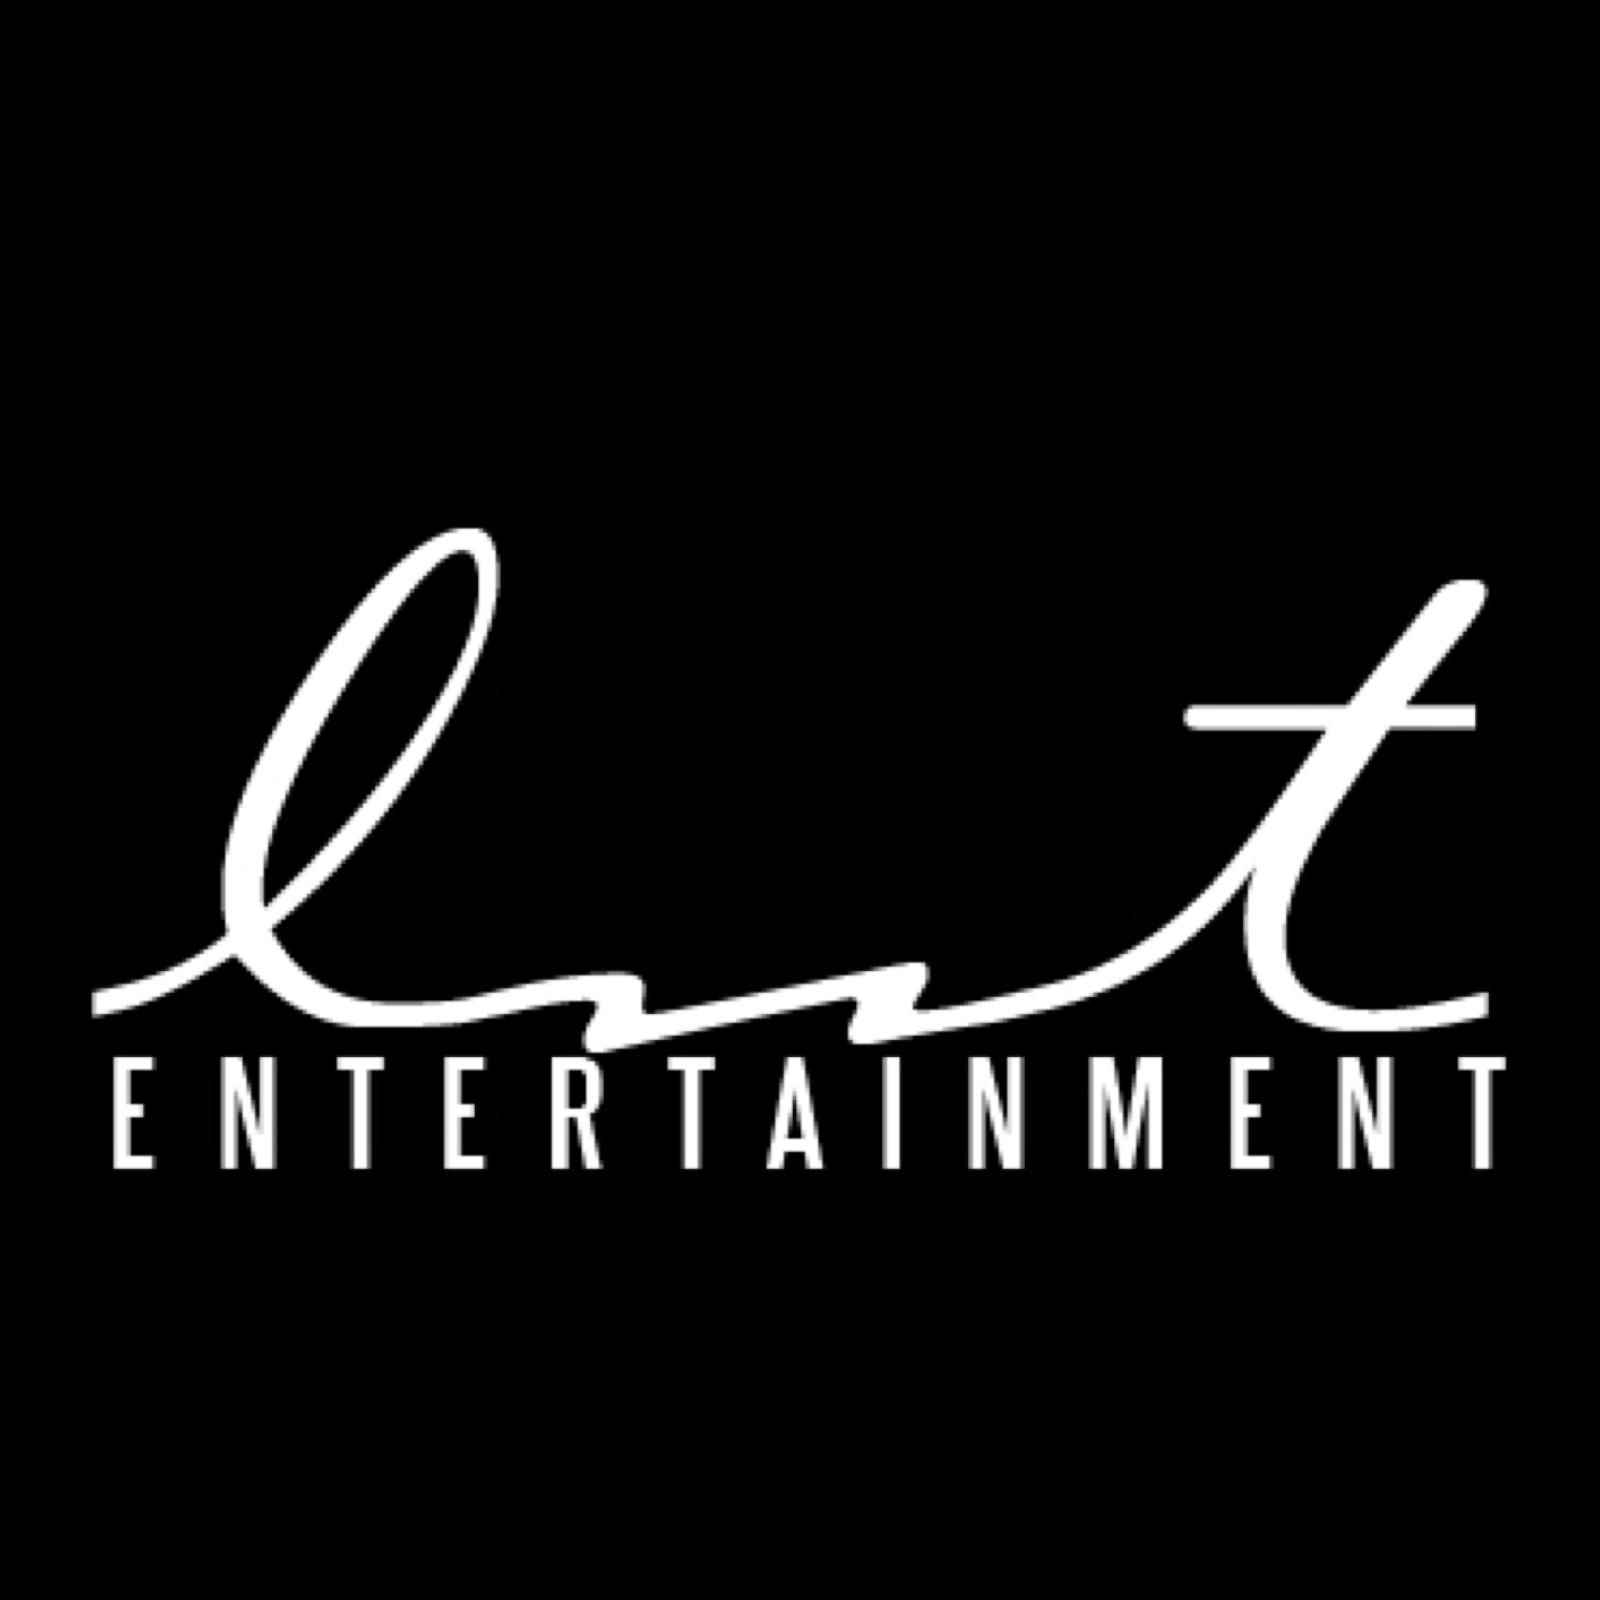 LUT Entertainment